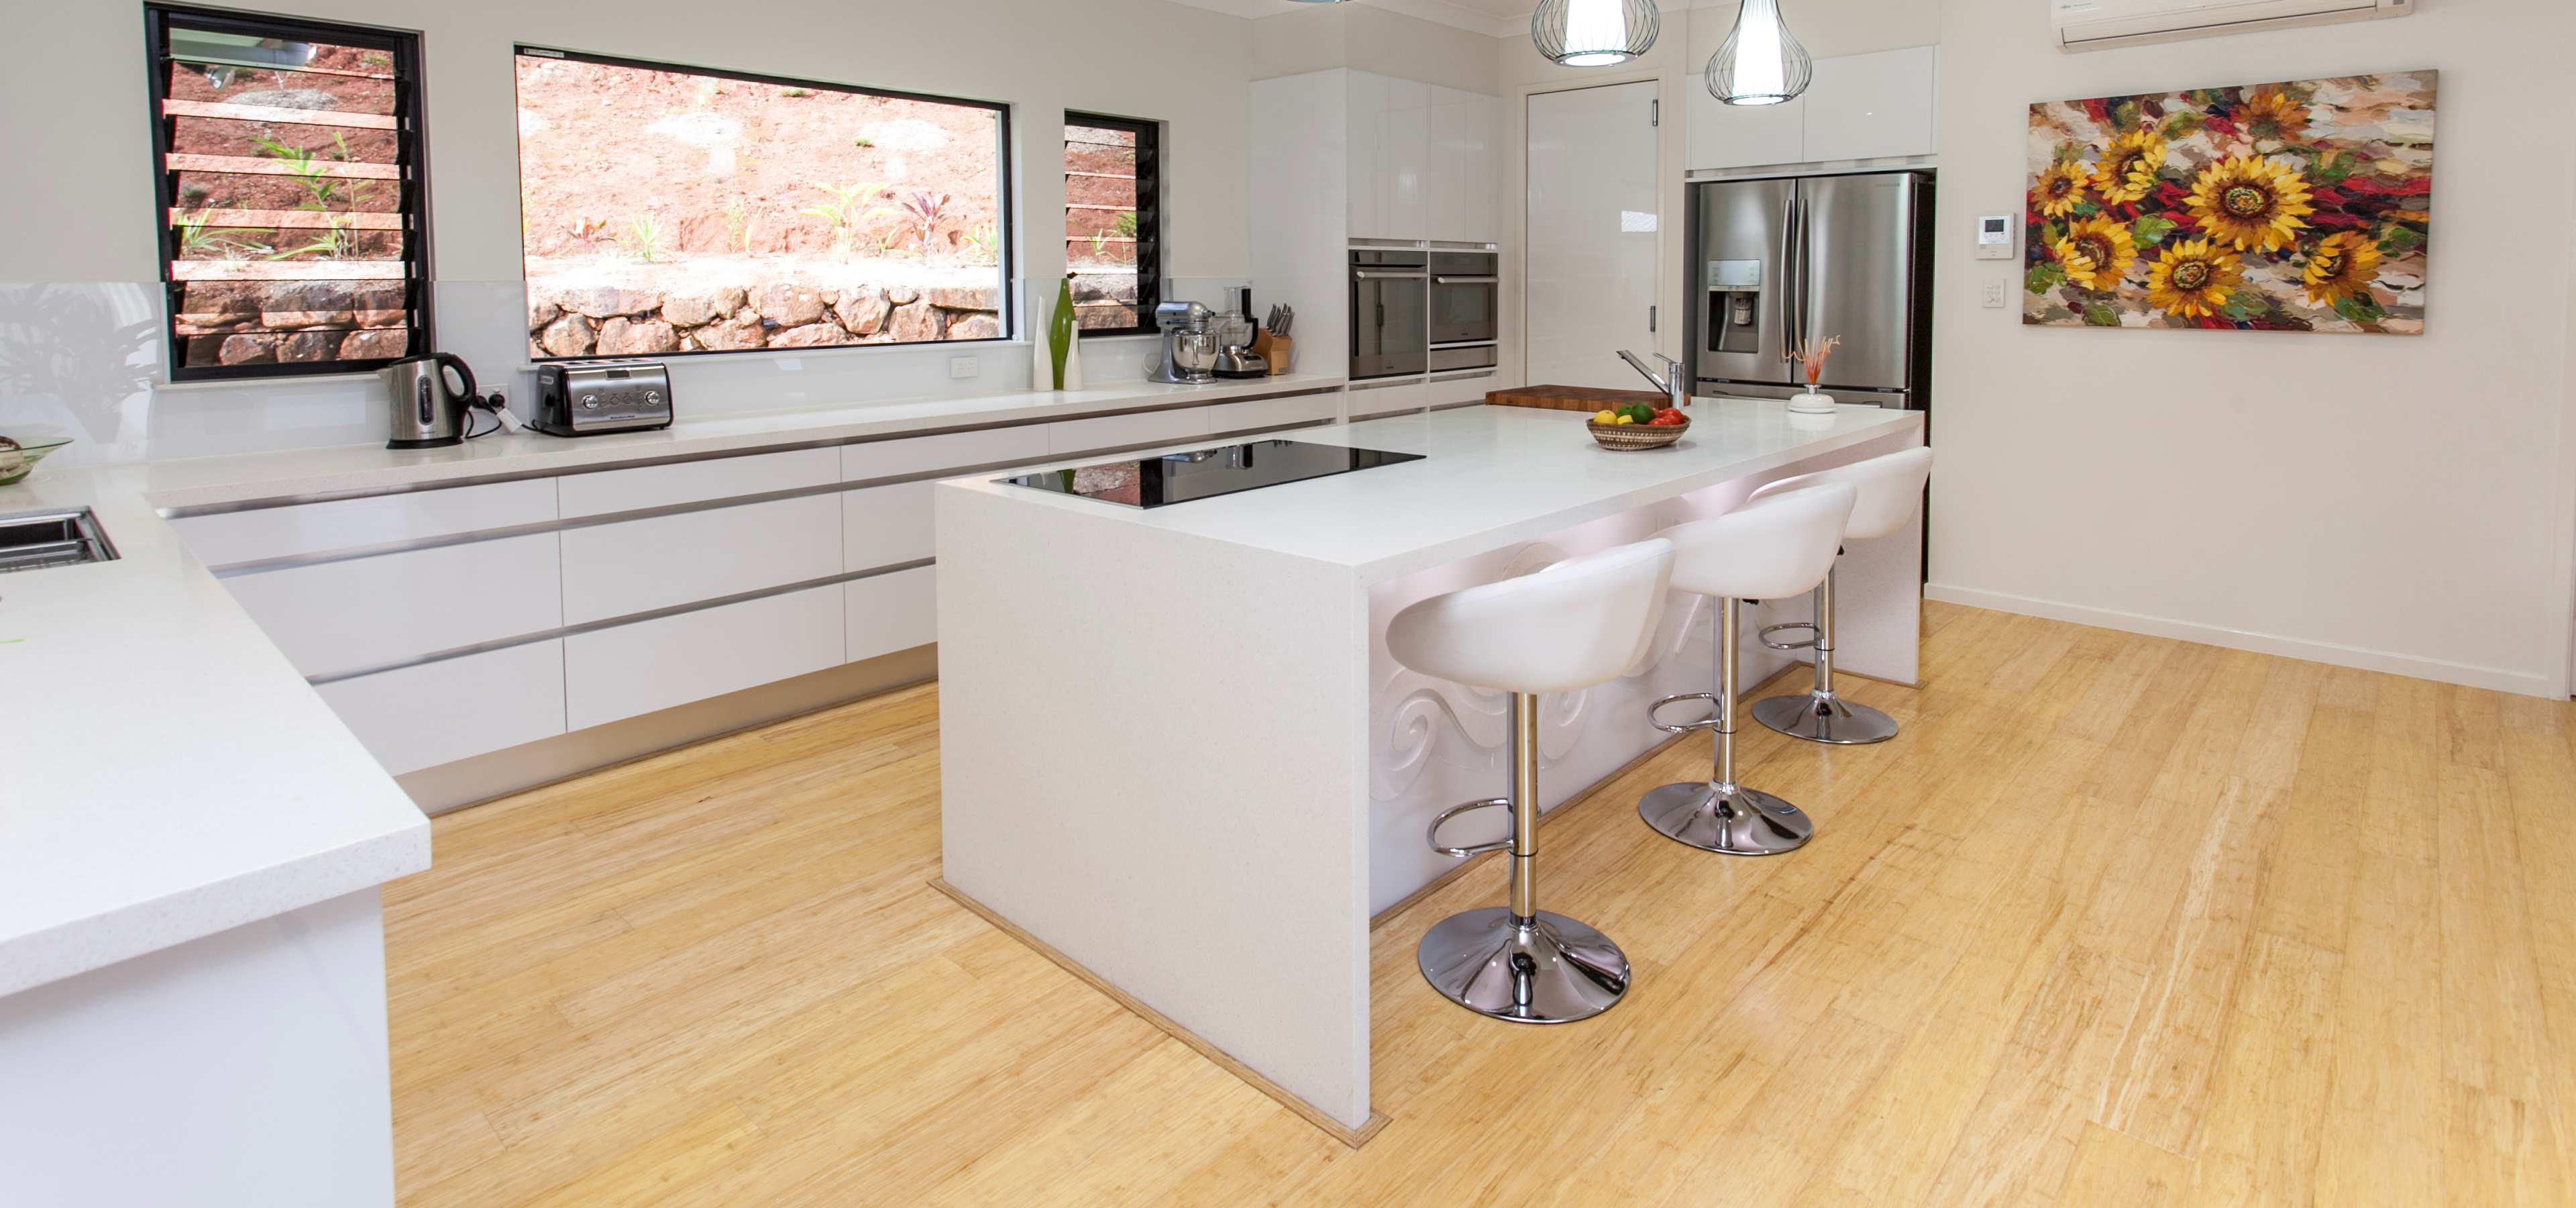 Cairns Kitchen Designs   Cairns Kitchens